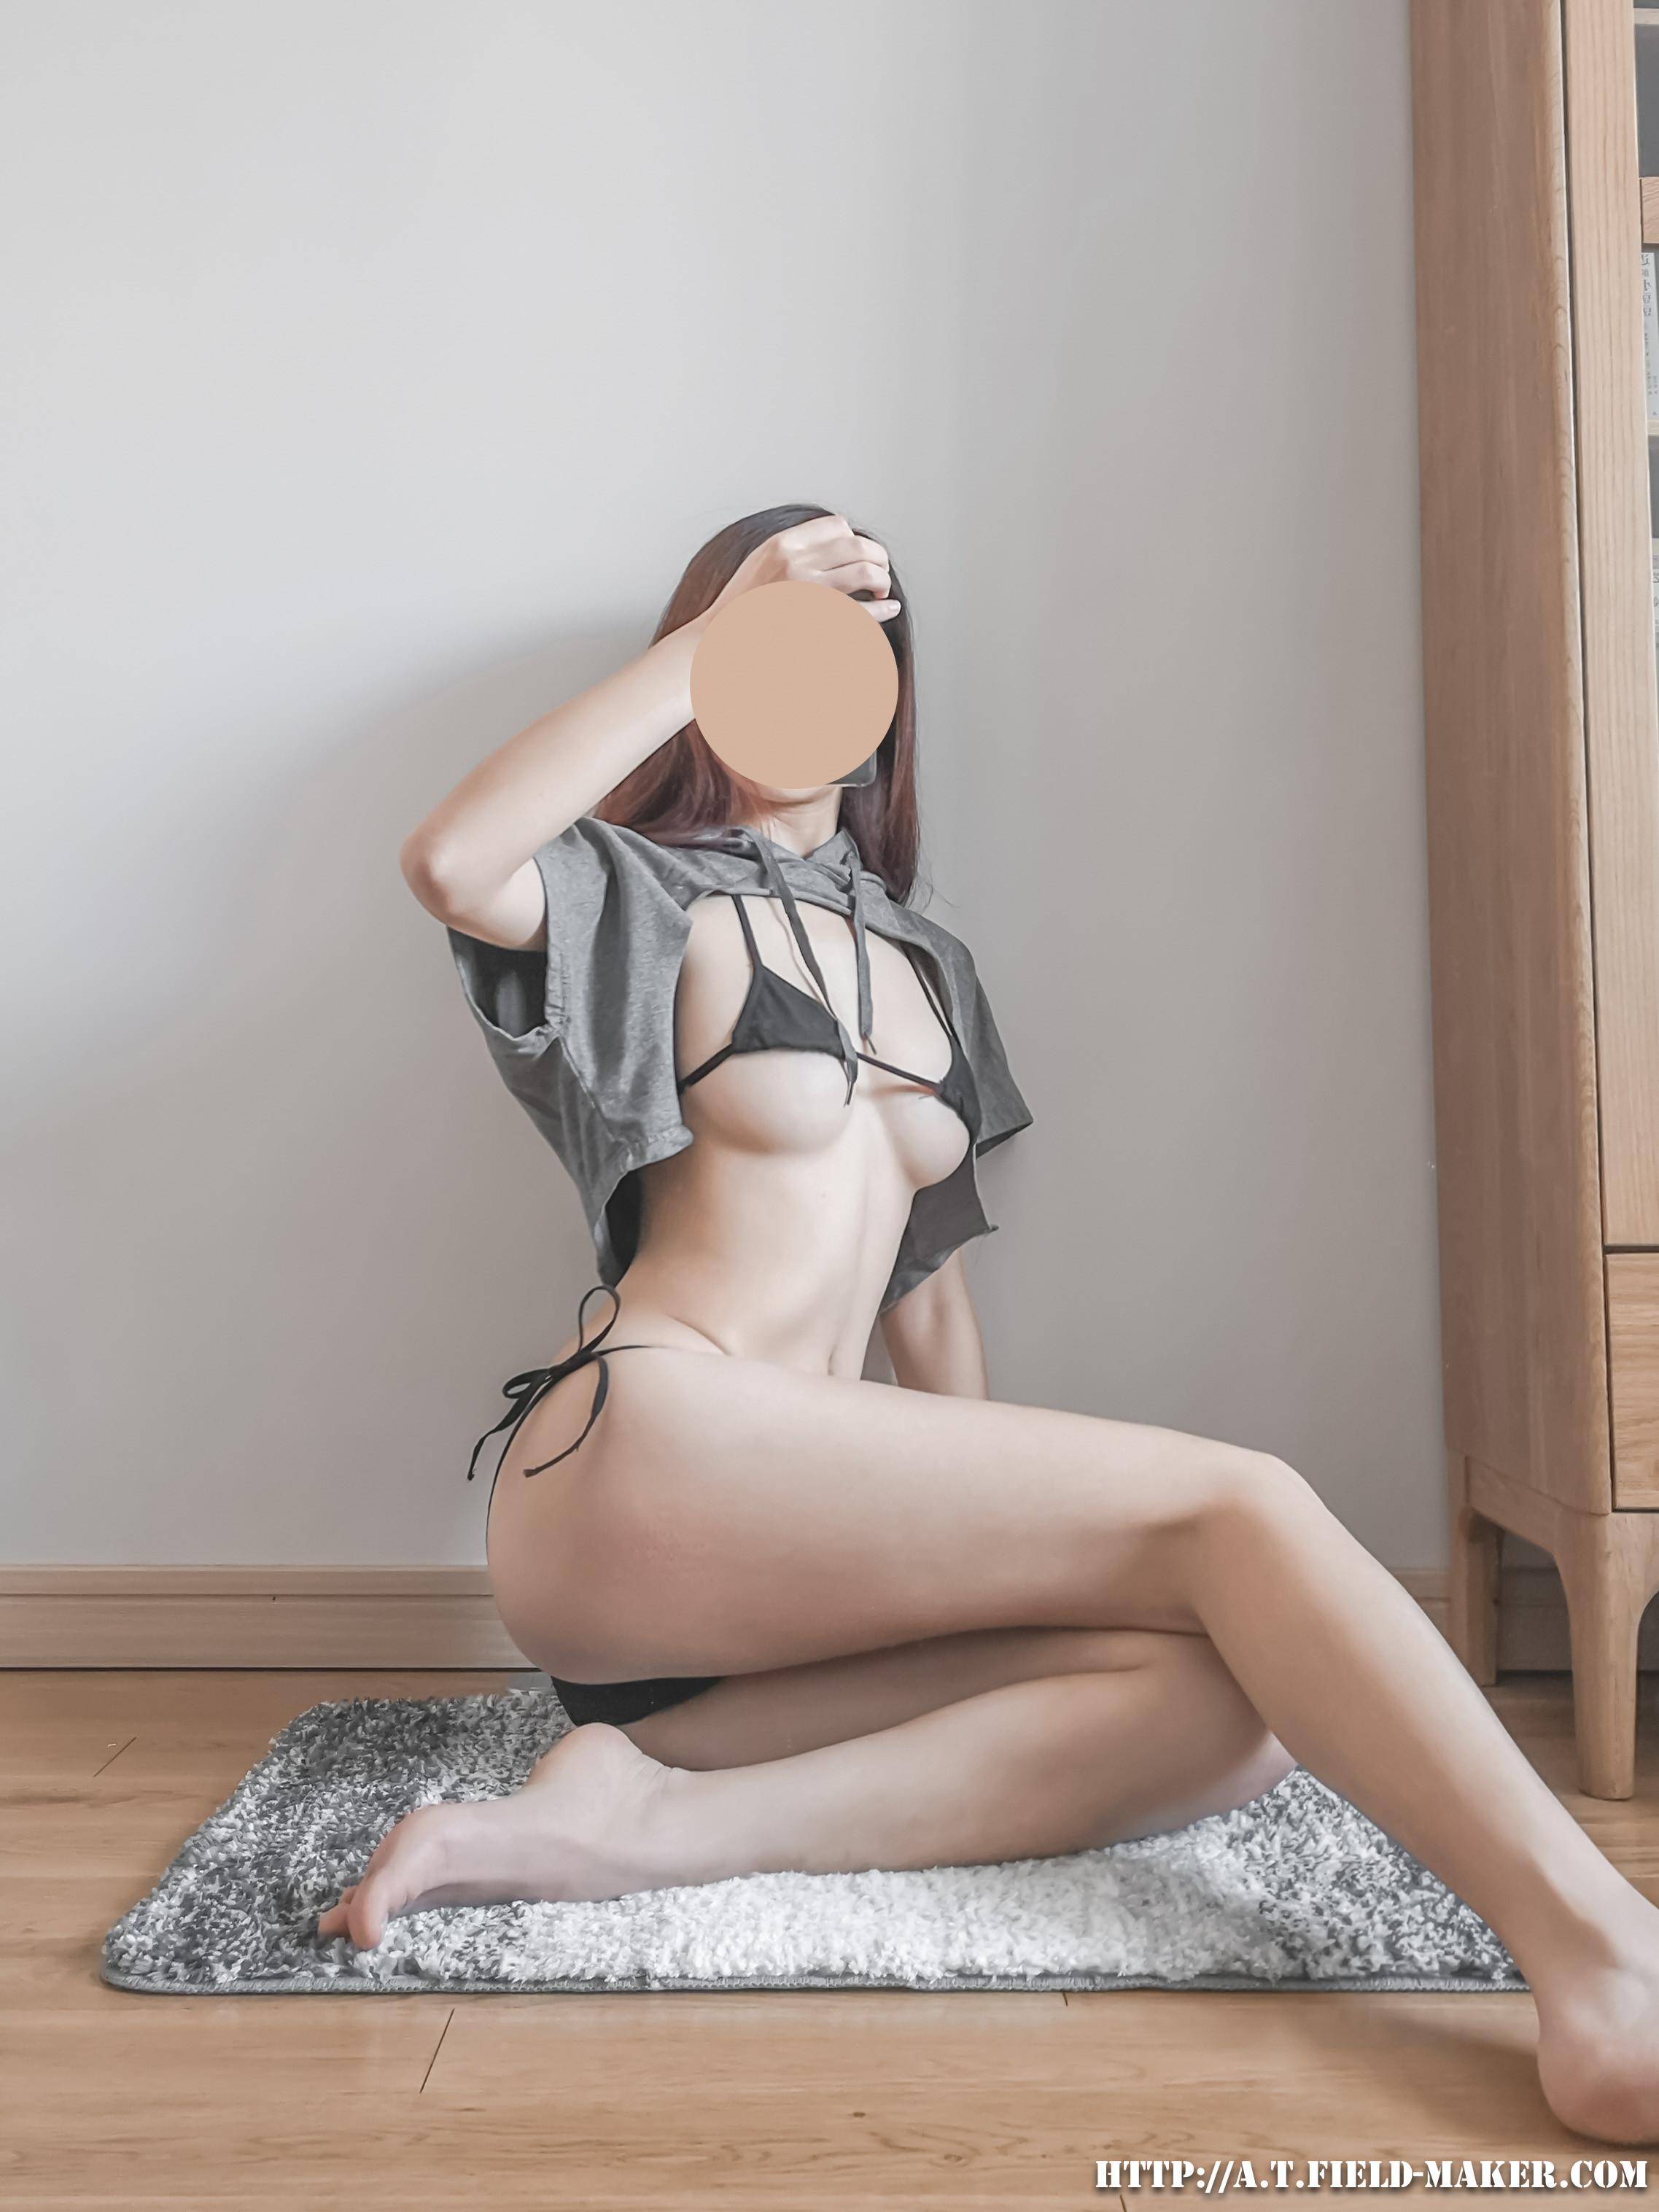 Tsubaki Album Selfie vol.008 Cloak bikini 昼と夜 005